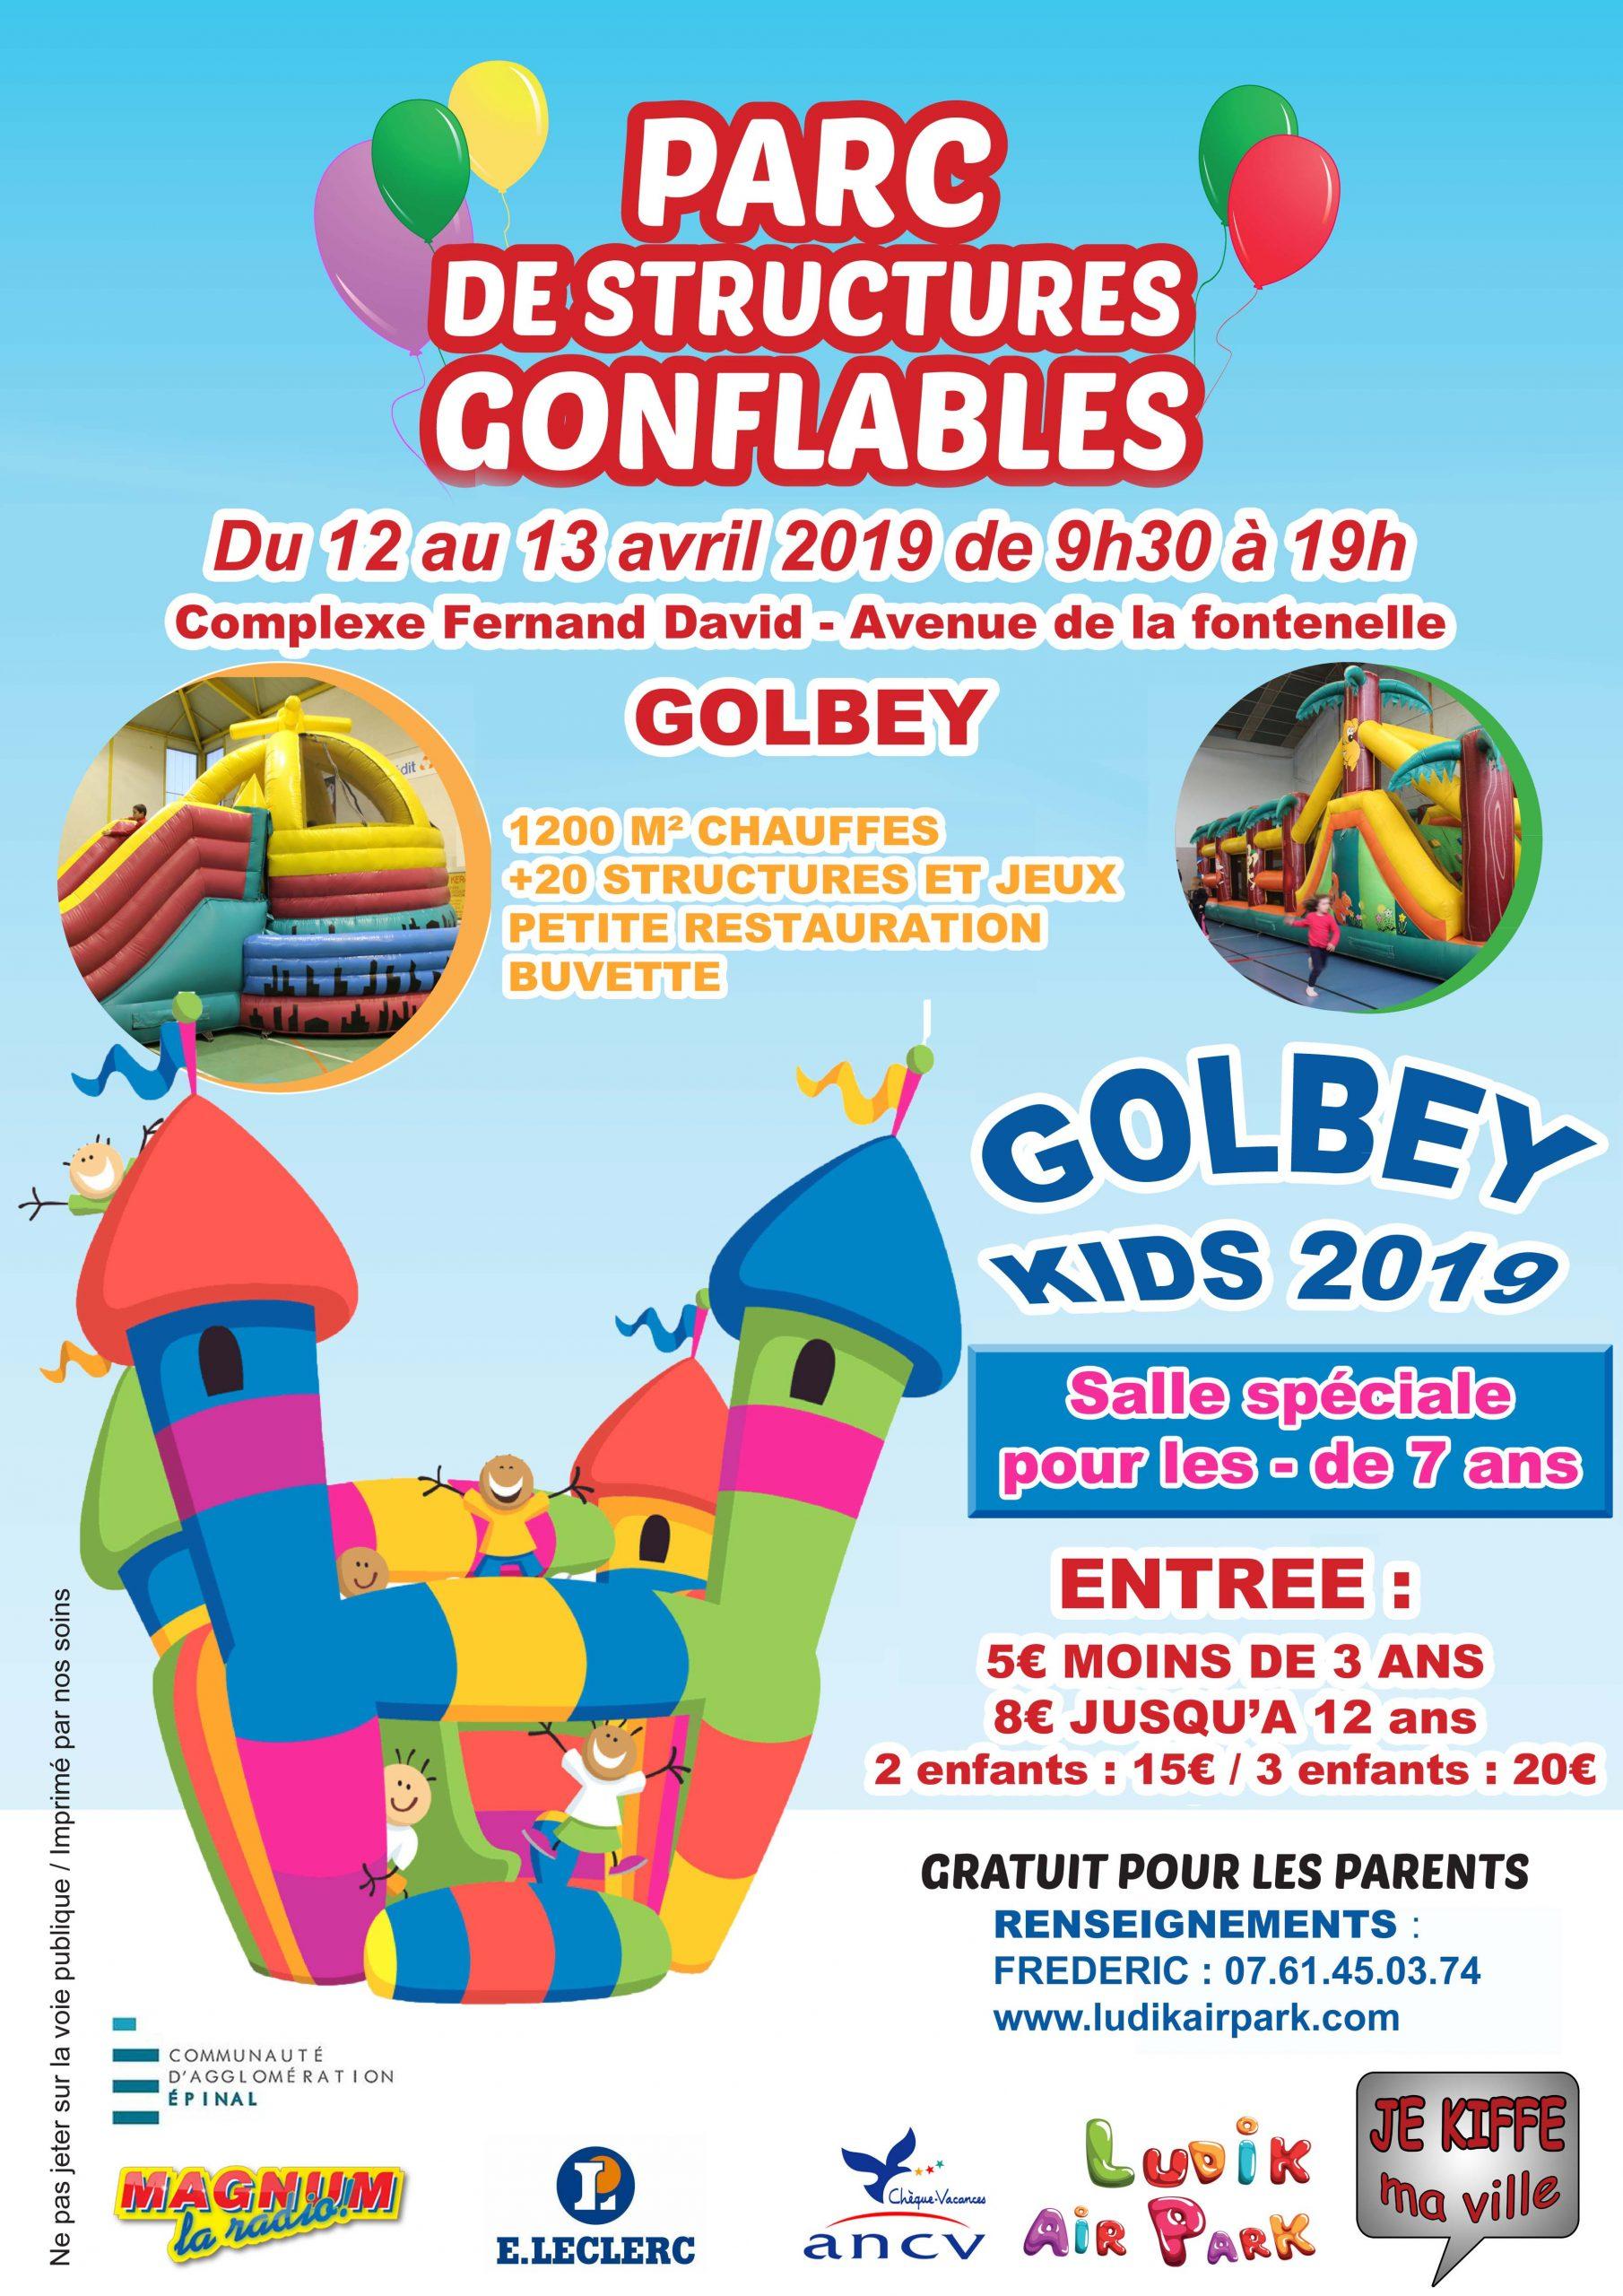 Location Structure Jeu Gonflable Ludikairpark 88 Vosges encequiconcerne Jeux Gratuits Pour Enfants De 3 Ans